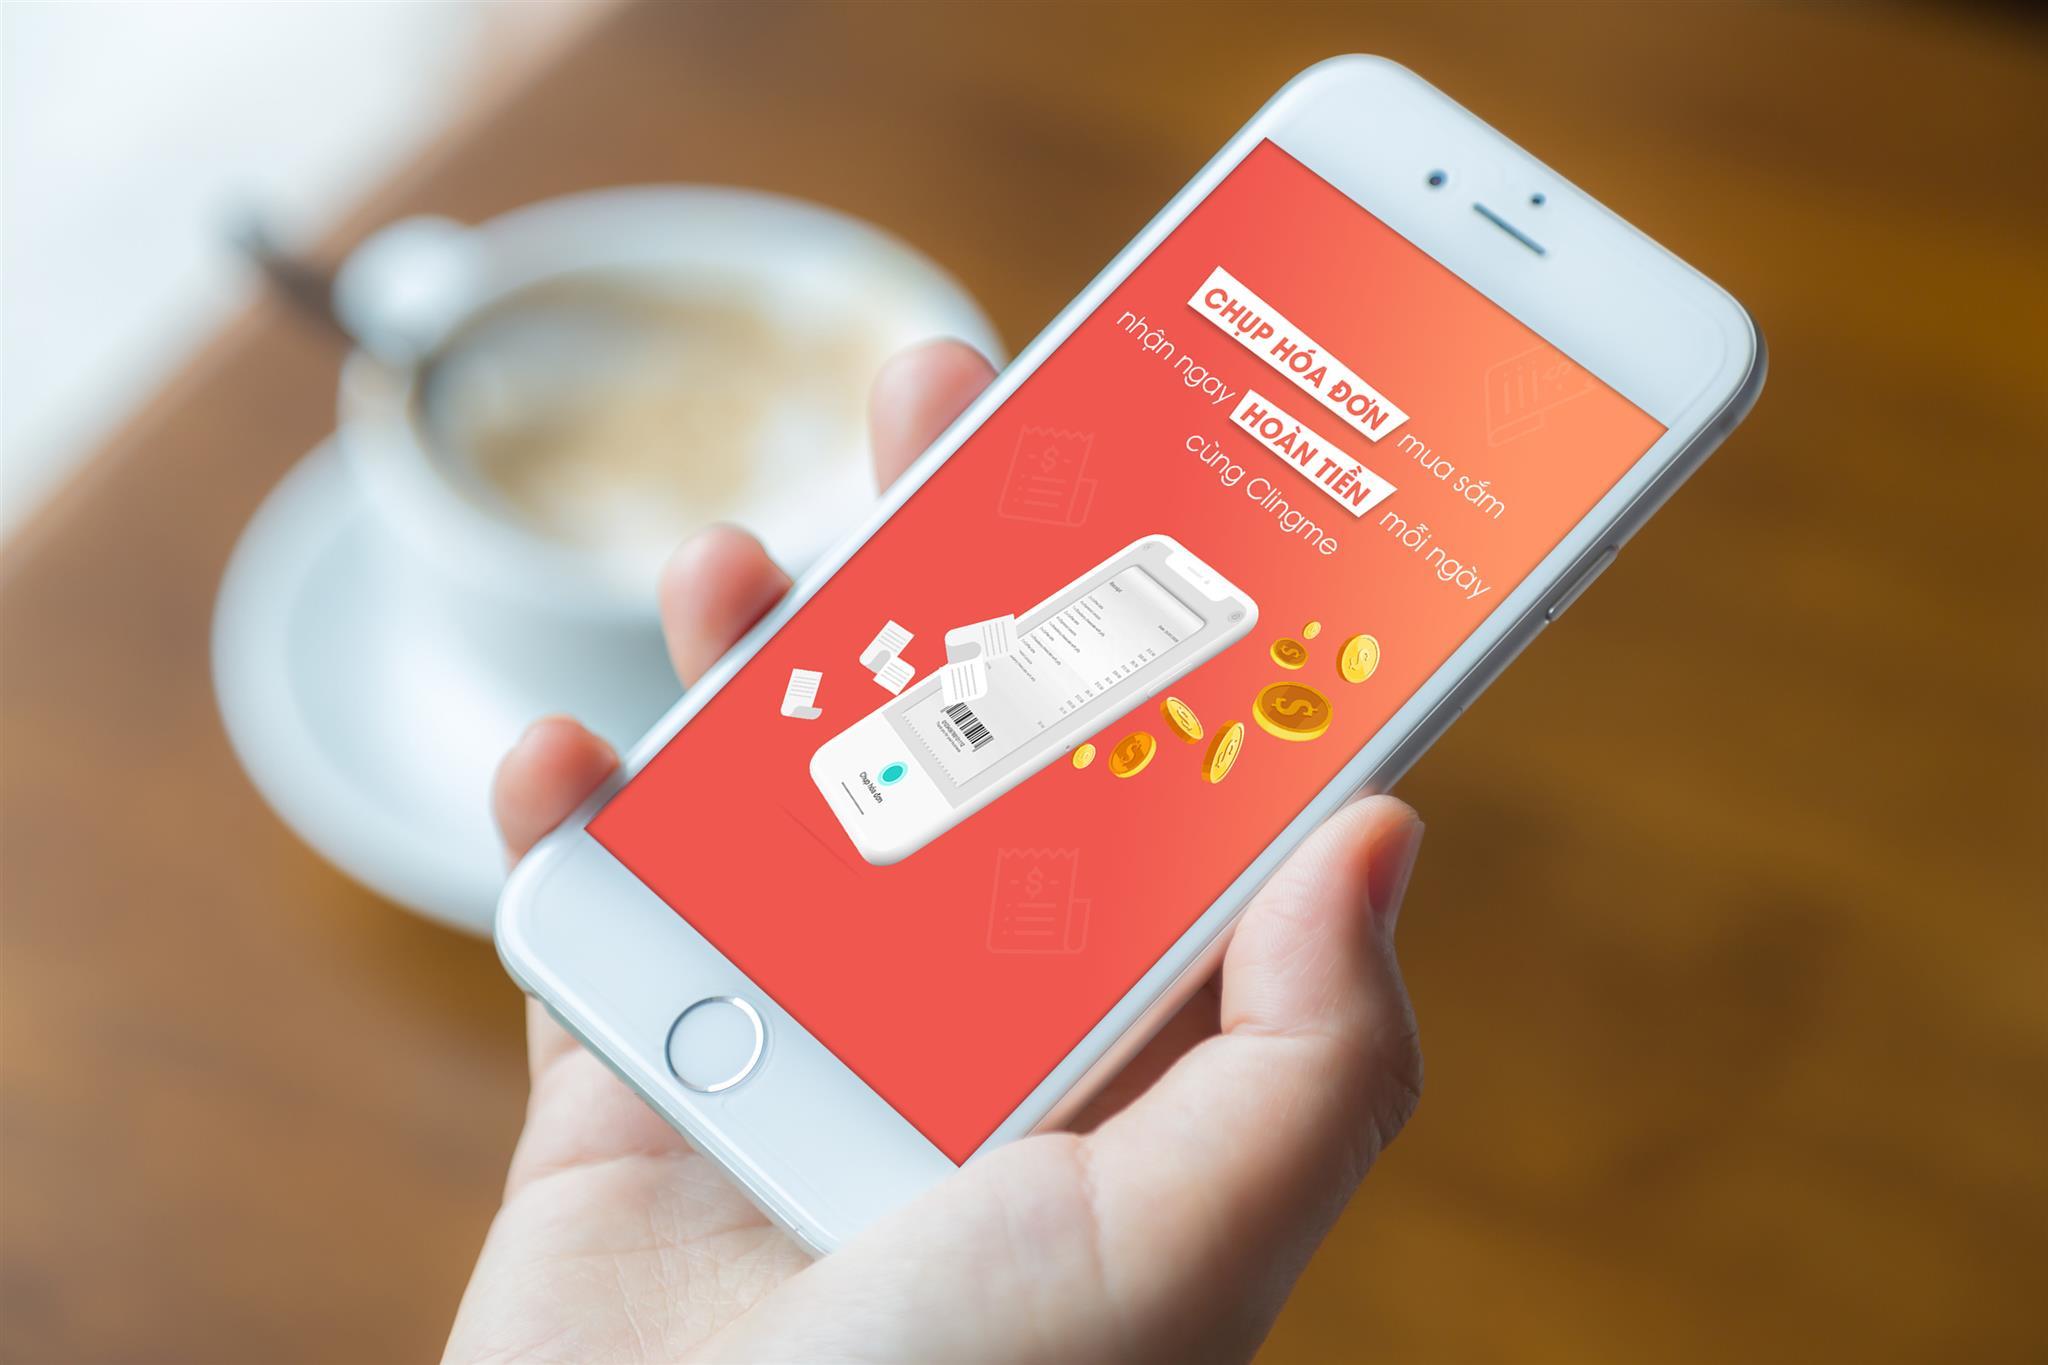 Khám phá tính năng mới của ứng dụng Clingme - Hoàn tiền cho mọi hóa đơn - Ảnh 3.